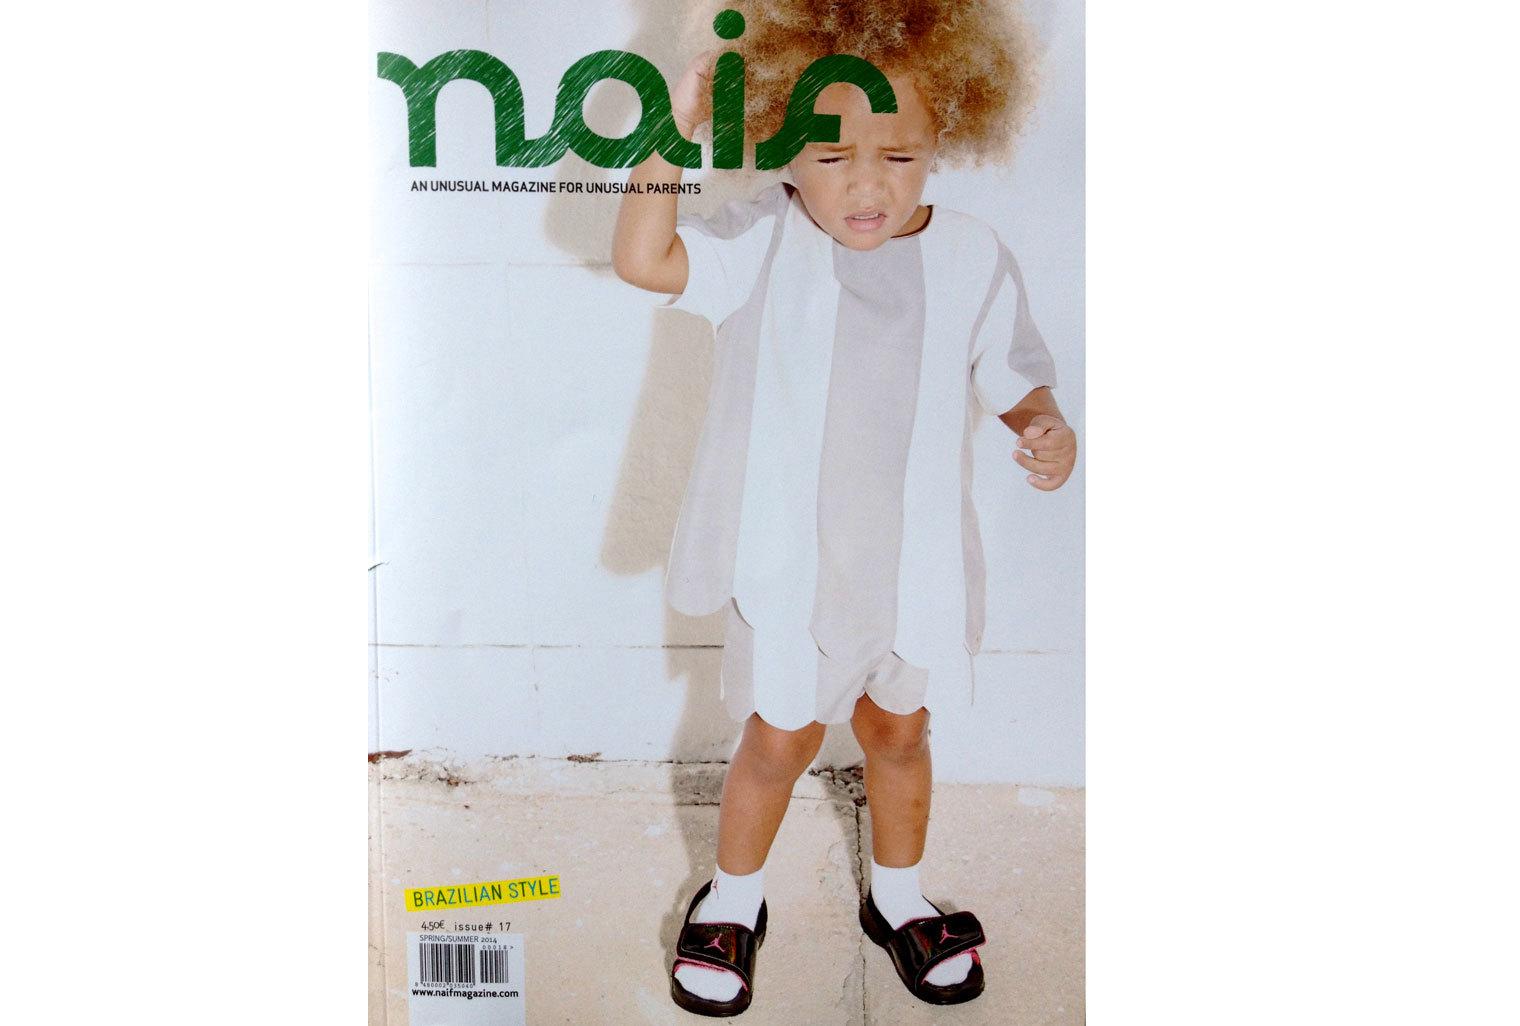 Merci à Florence Rolando du Pirouette Blog pour avoir cité le décor Manja dans le Naif N°17